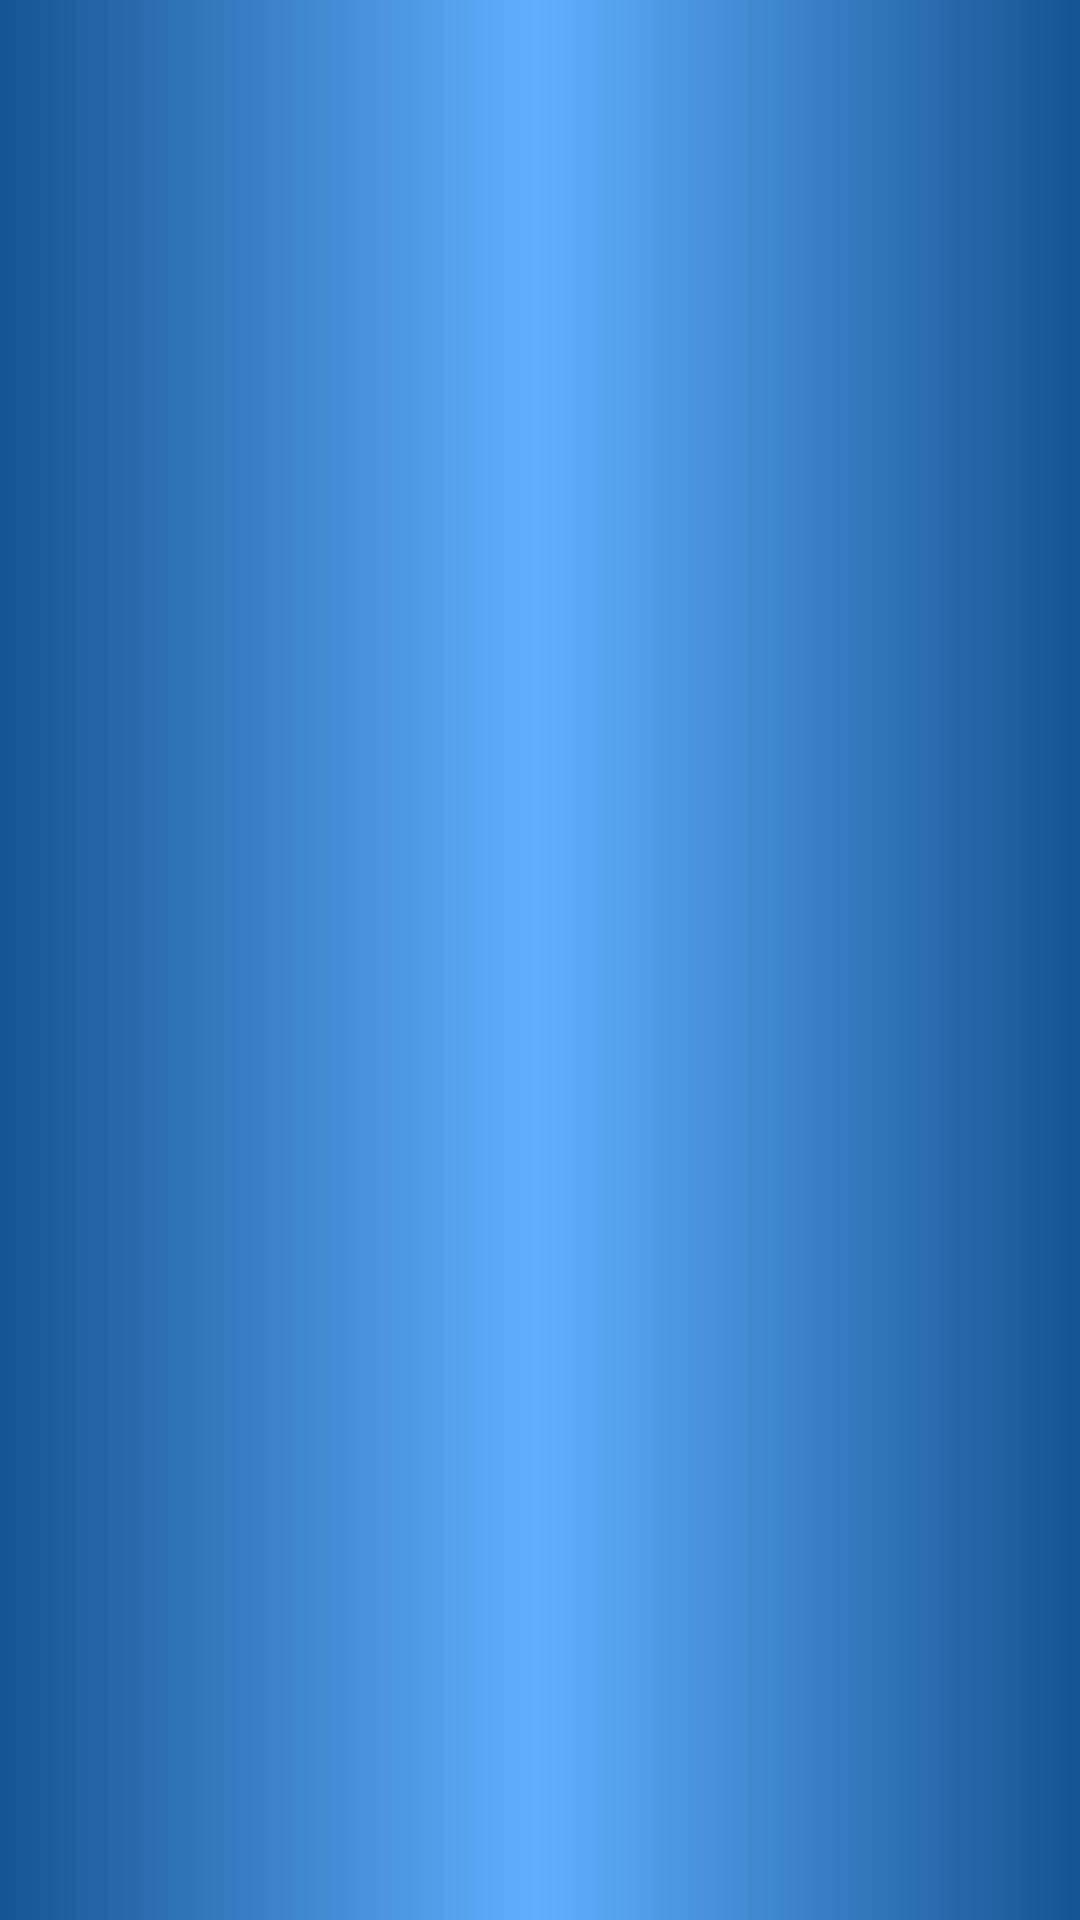 纯色主题壁纸(高清)-资源分享-vivo智能手机v粉社区